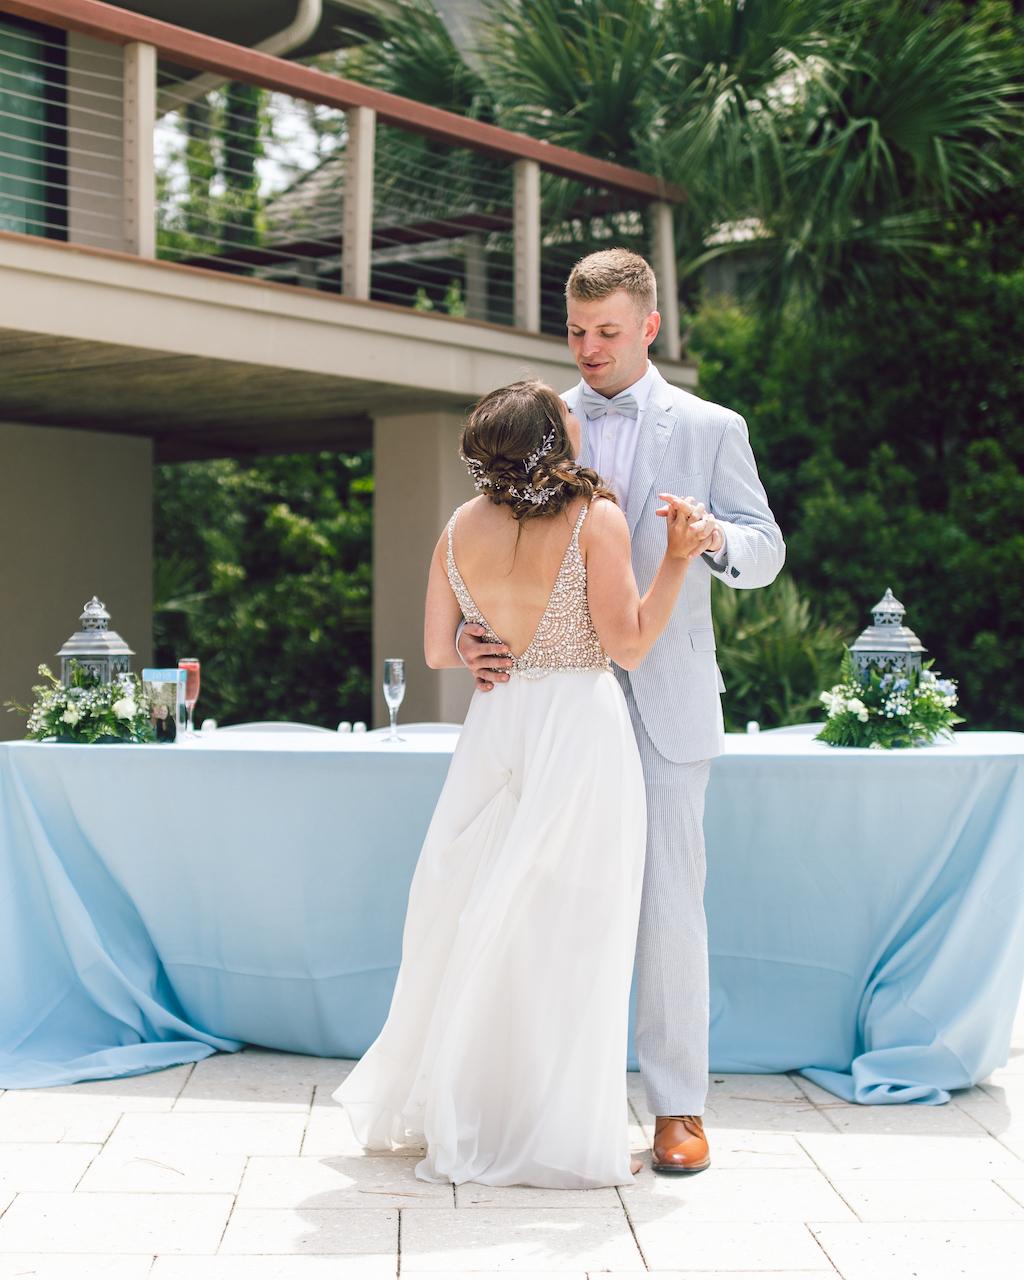 hilton-head-island-wedding-sc-reception239.jpg